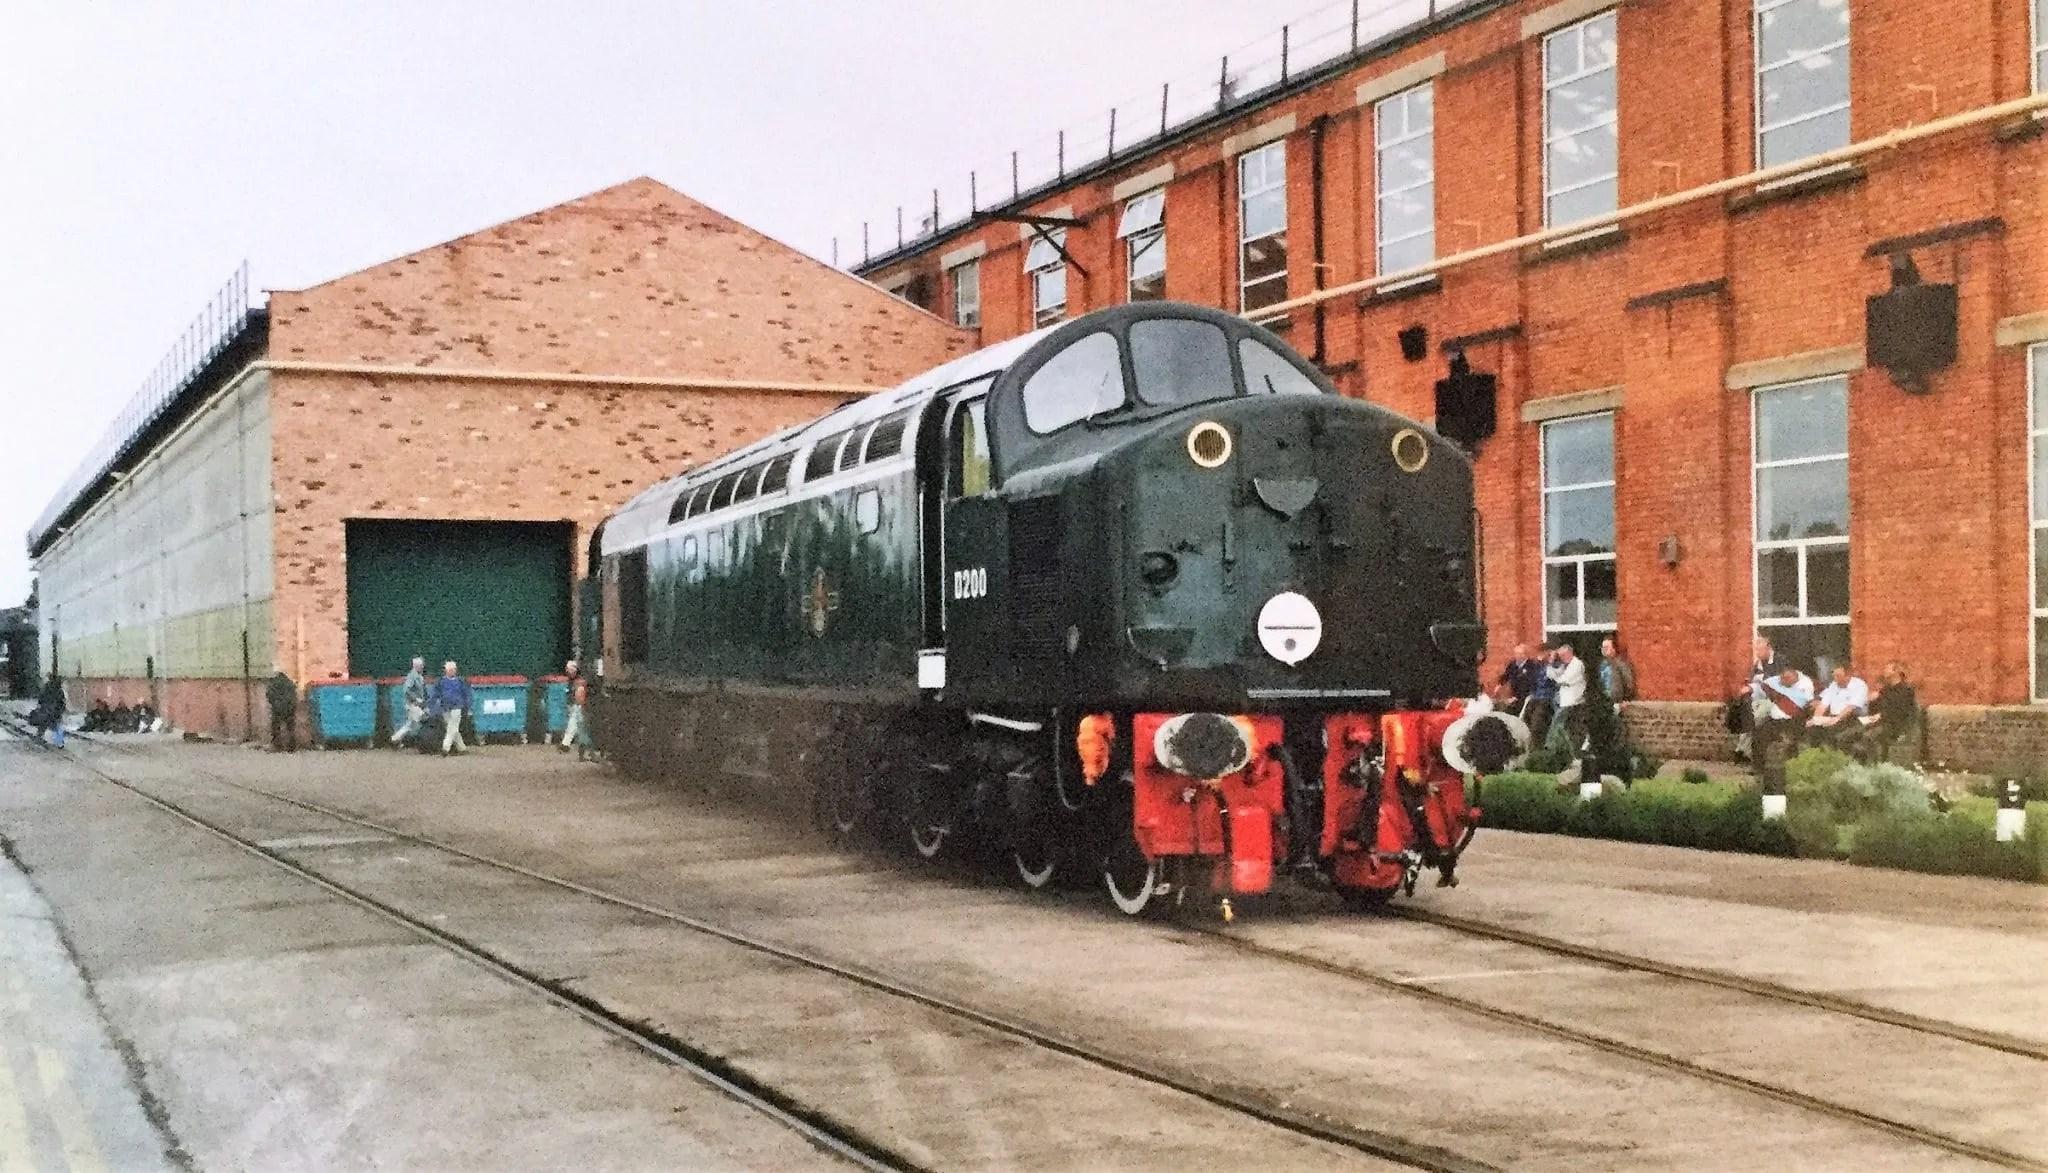 Crewe Works Memories - Class 40 - Erecting shop